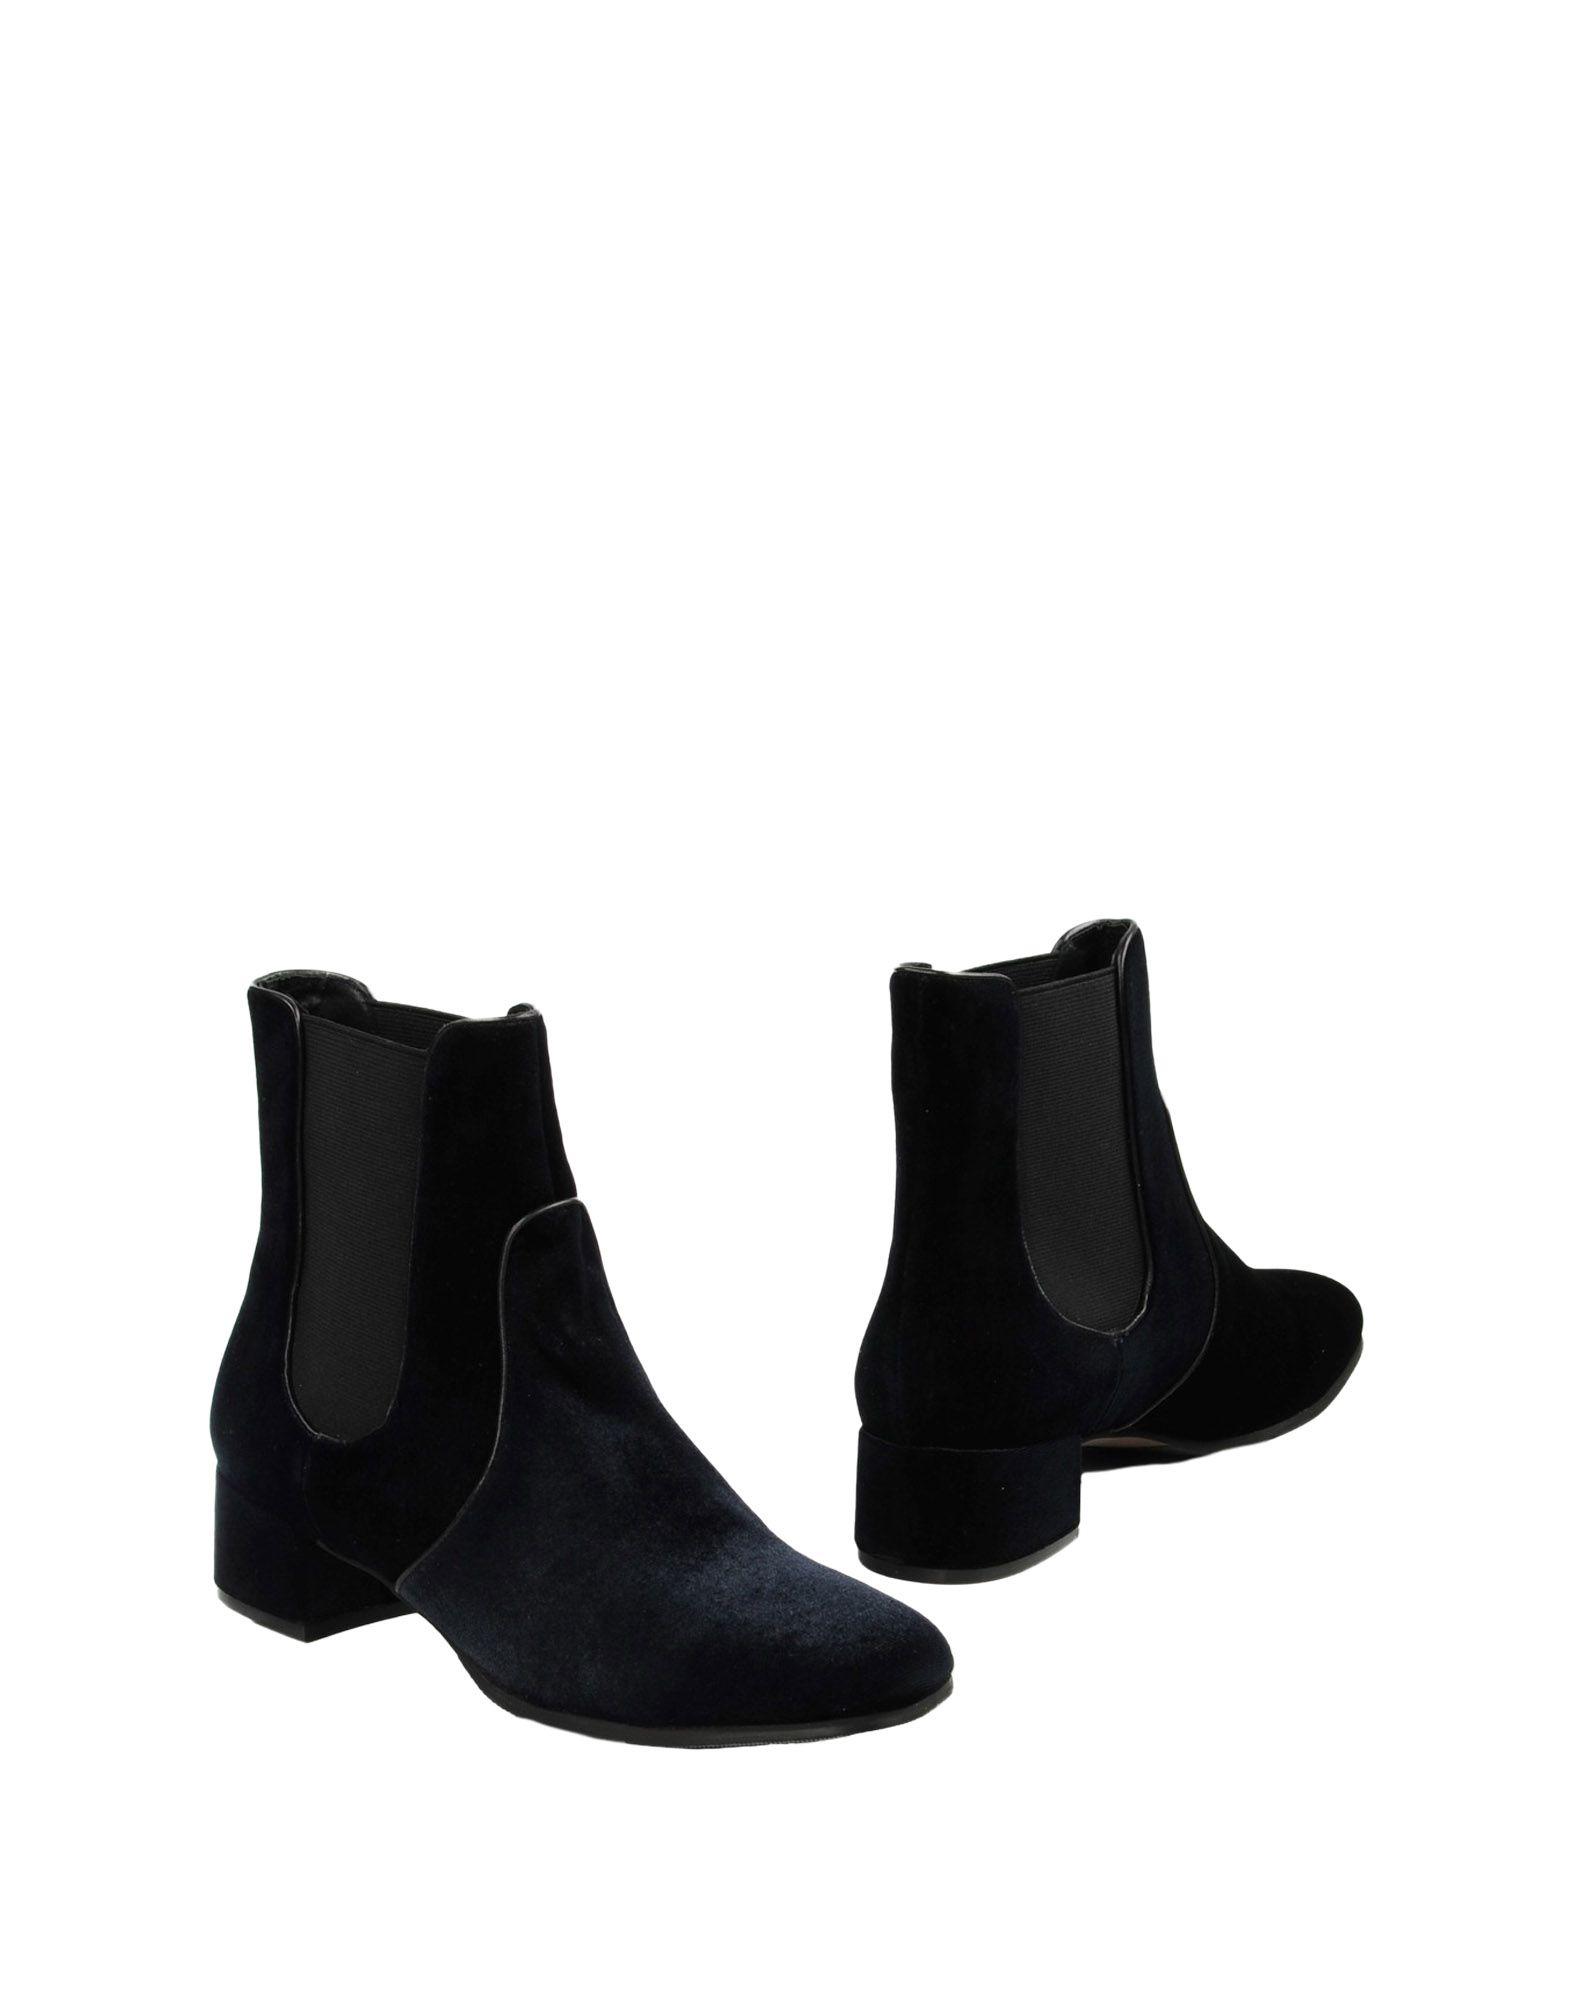 BRUNO PREMI Полусапоги и высокие ботинки купить футбольную форму челси торрес